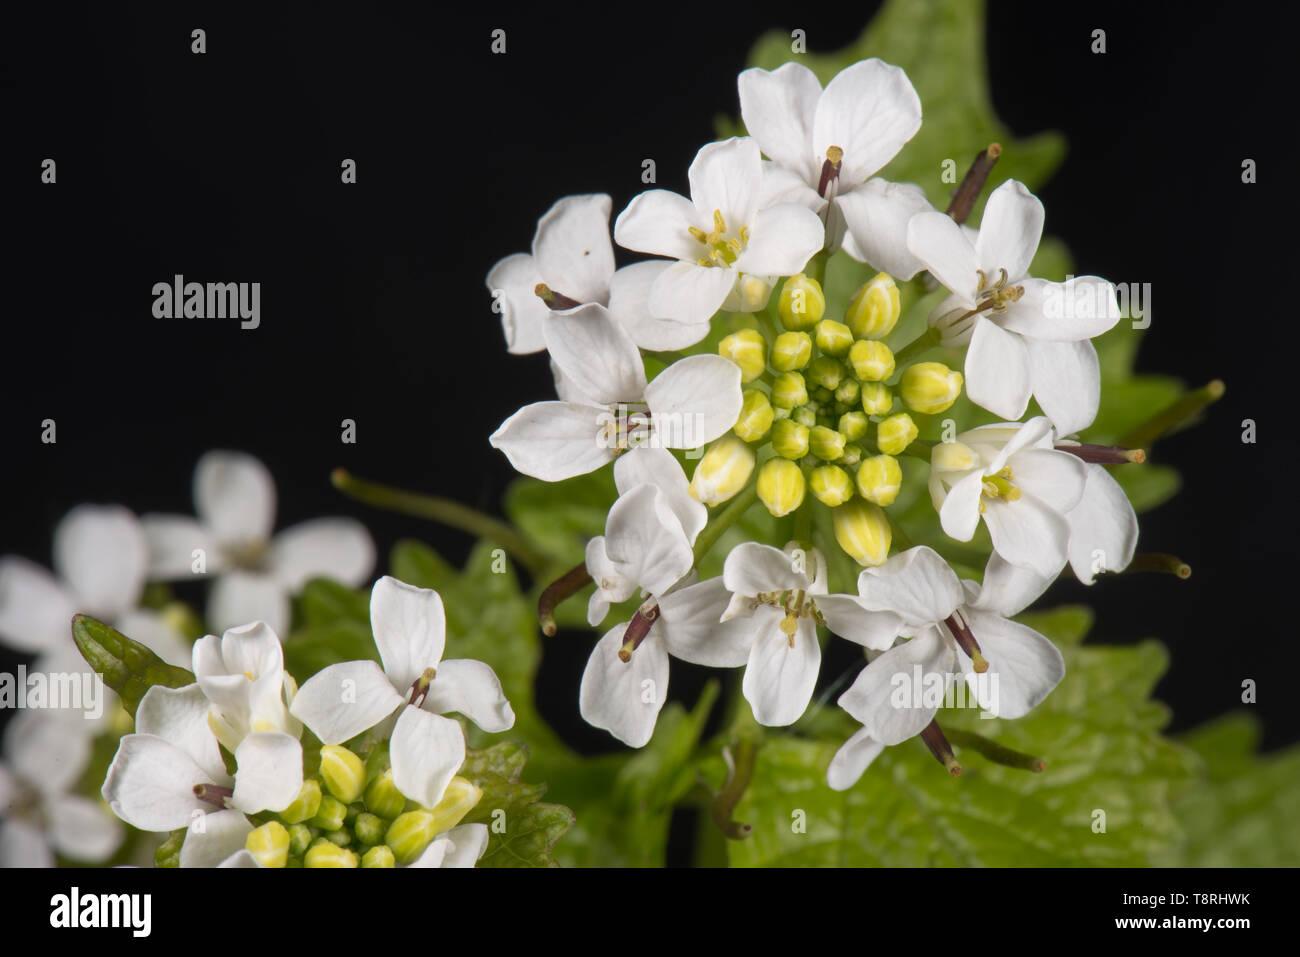 Gato-por-la-hedge o protegerse de ajo (Alliaria petiolata) blanco abierto parcialmente la cabeza de la flor y hojas, Berkshire, Abril Foto de stock